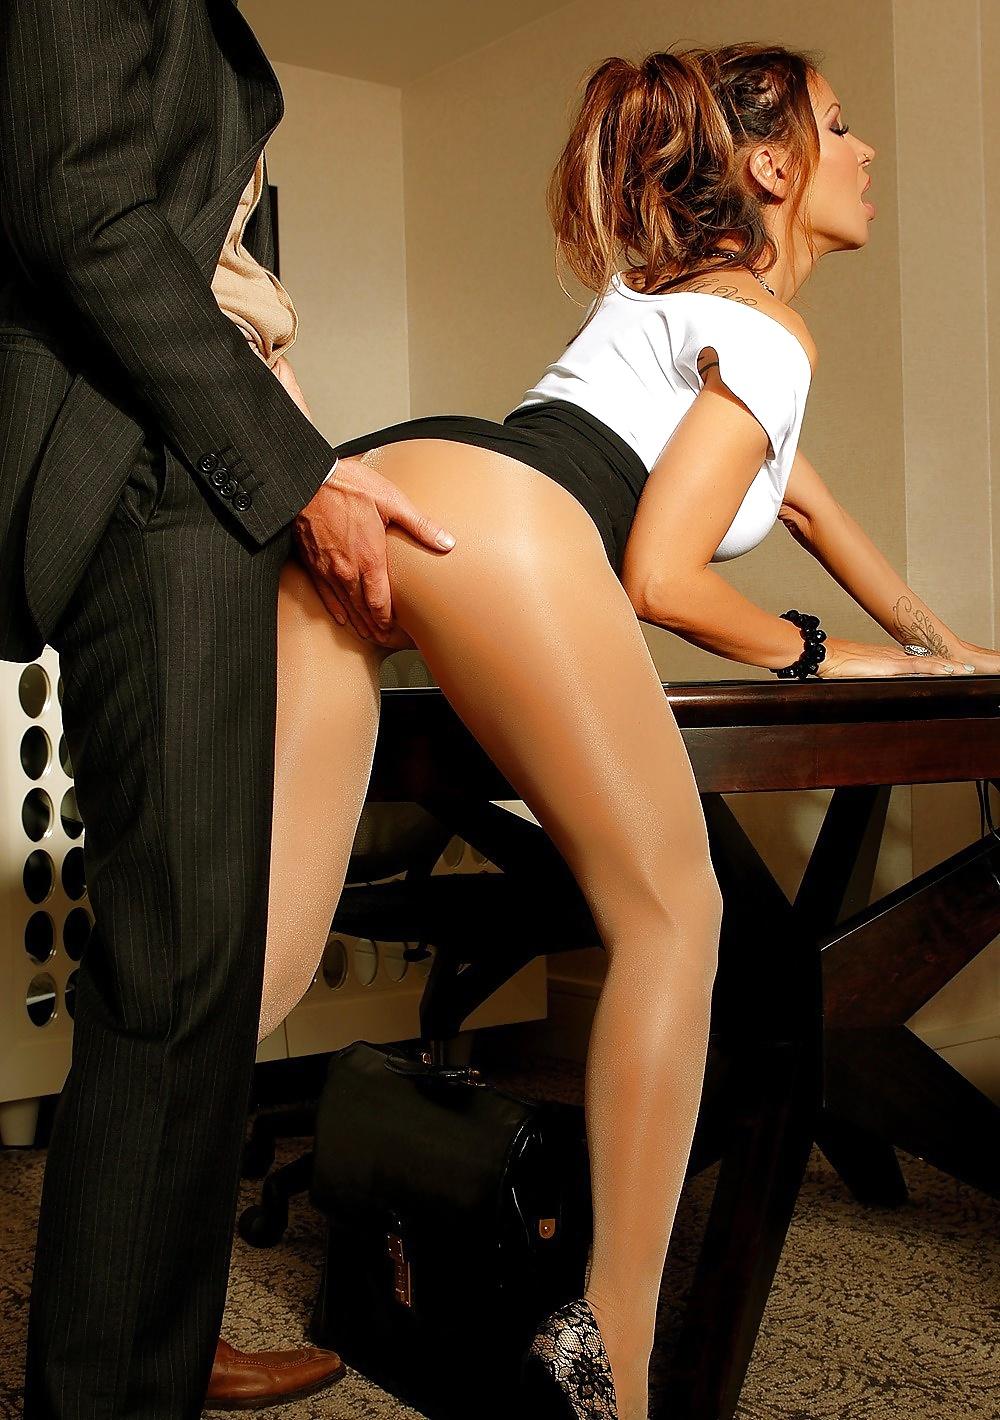 Страстная женщина в юбке секс #9